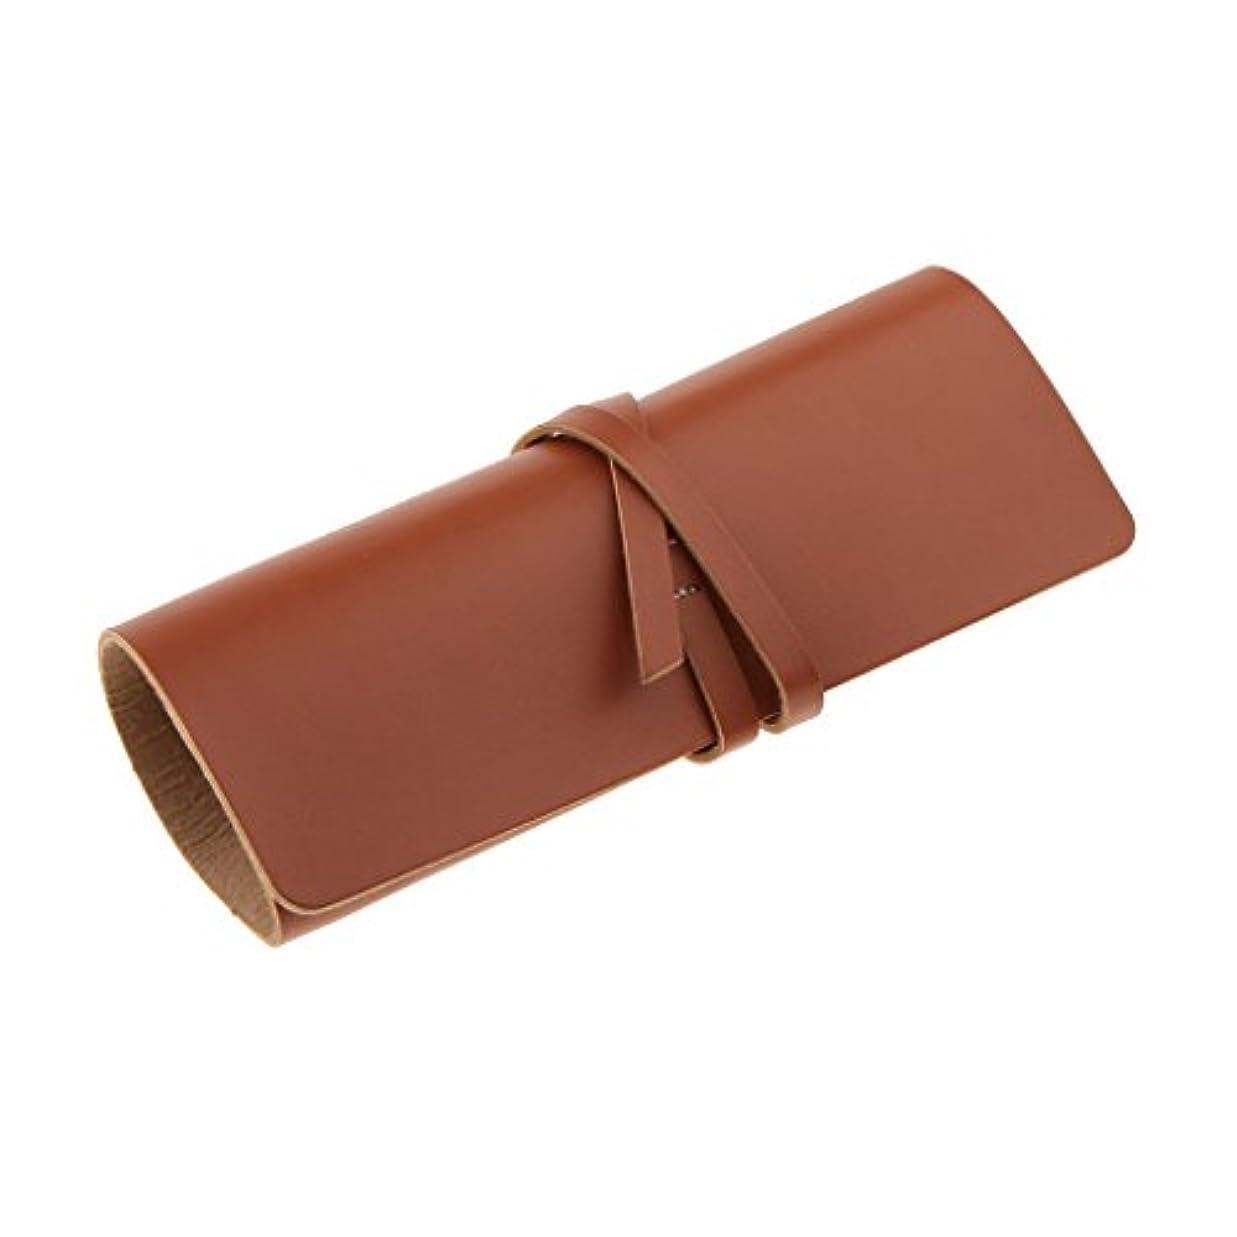 死イディオム拒絶するBaoblaze カミソリケース 収納ケース 収納ポーチ プロテクターケース シェーバーポーチ 折りたたみ 全2色 - 褐色